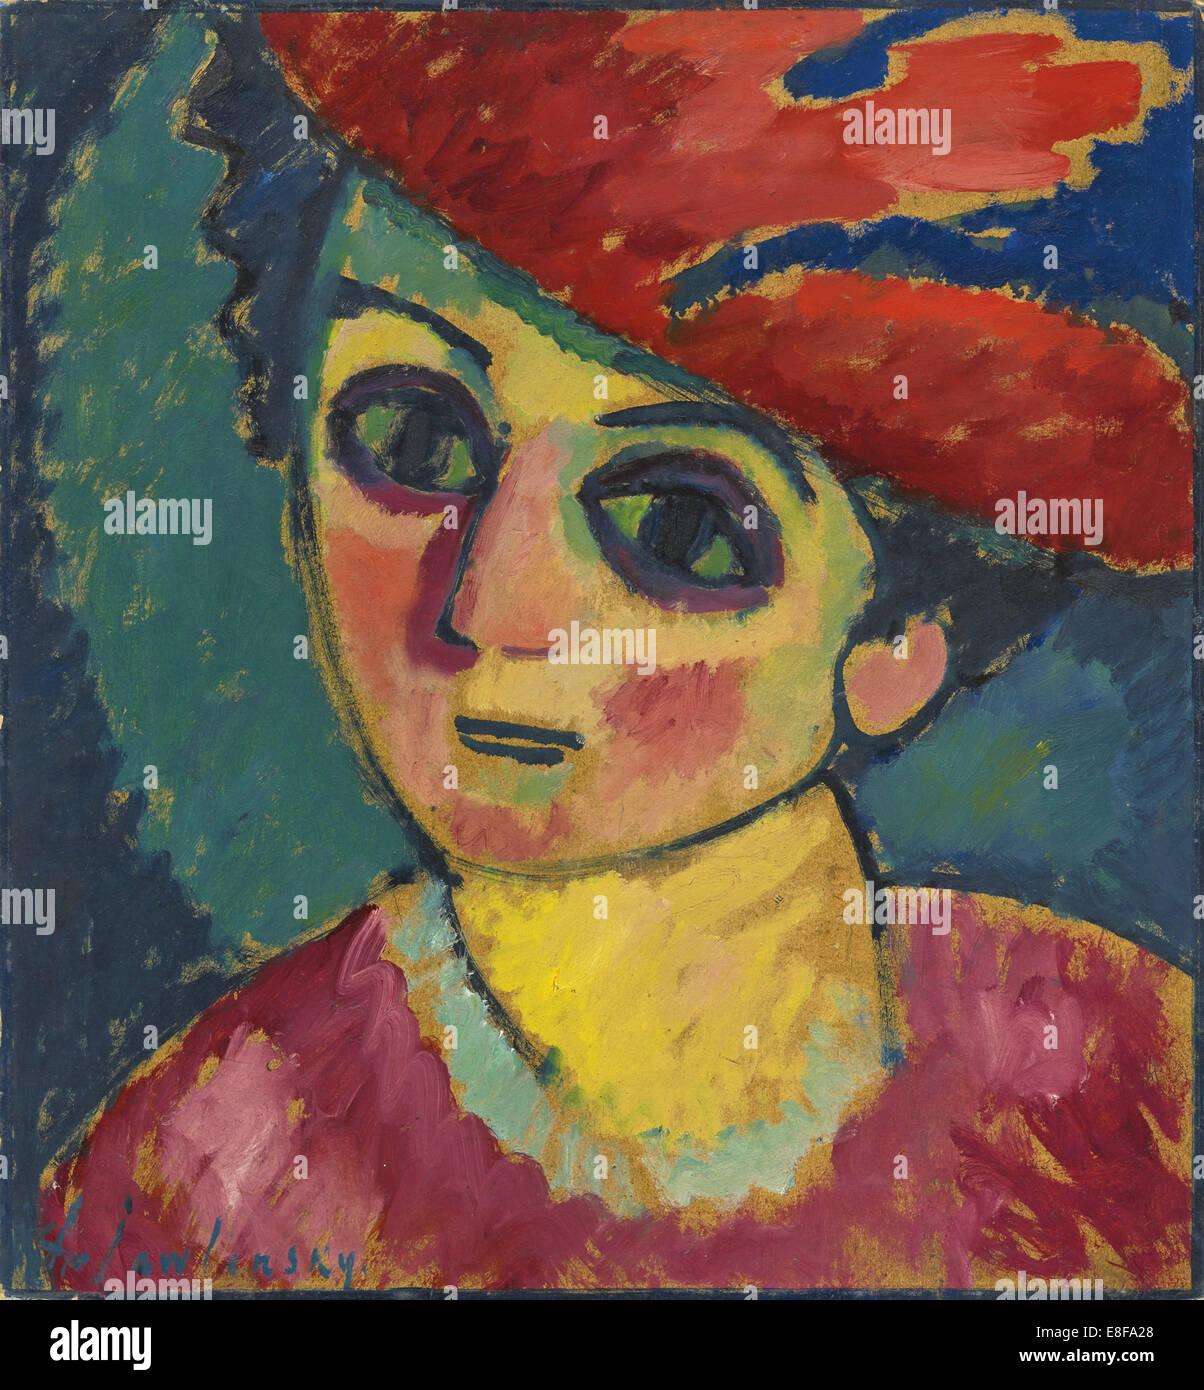 Red Hat. Artist: Javlensky, Alexei, von (1864-1941) - Stock Image